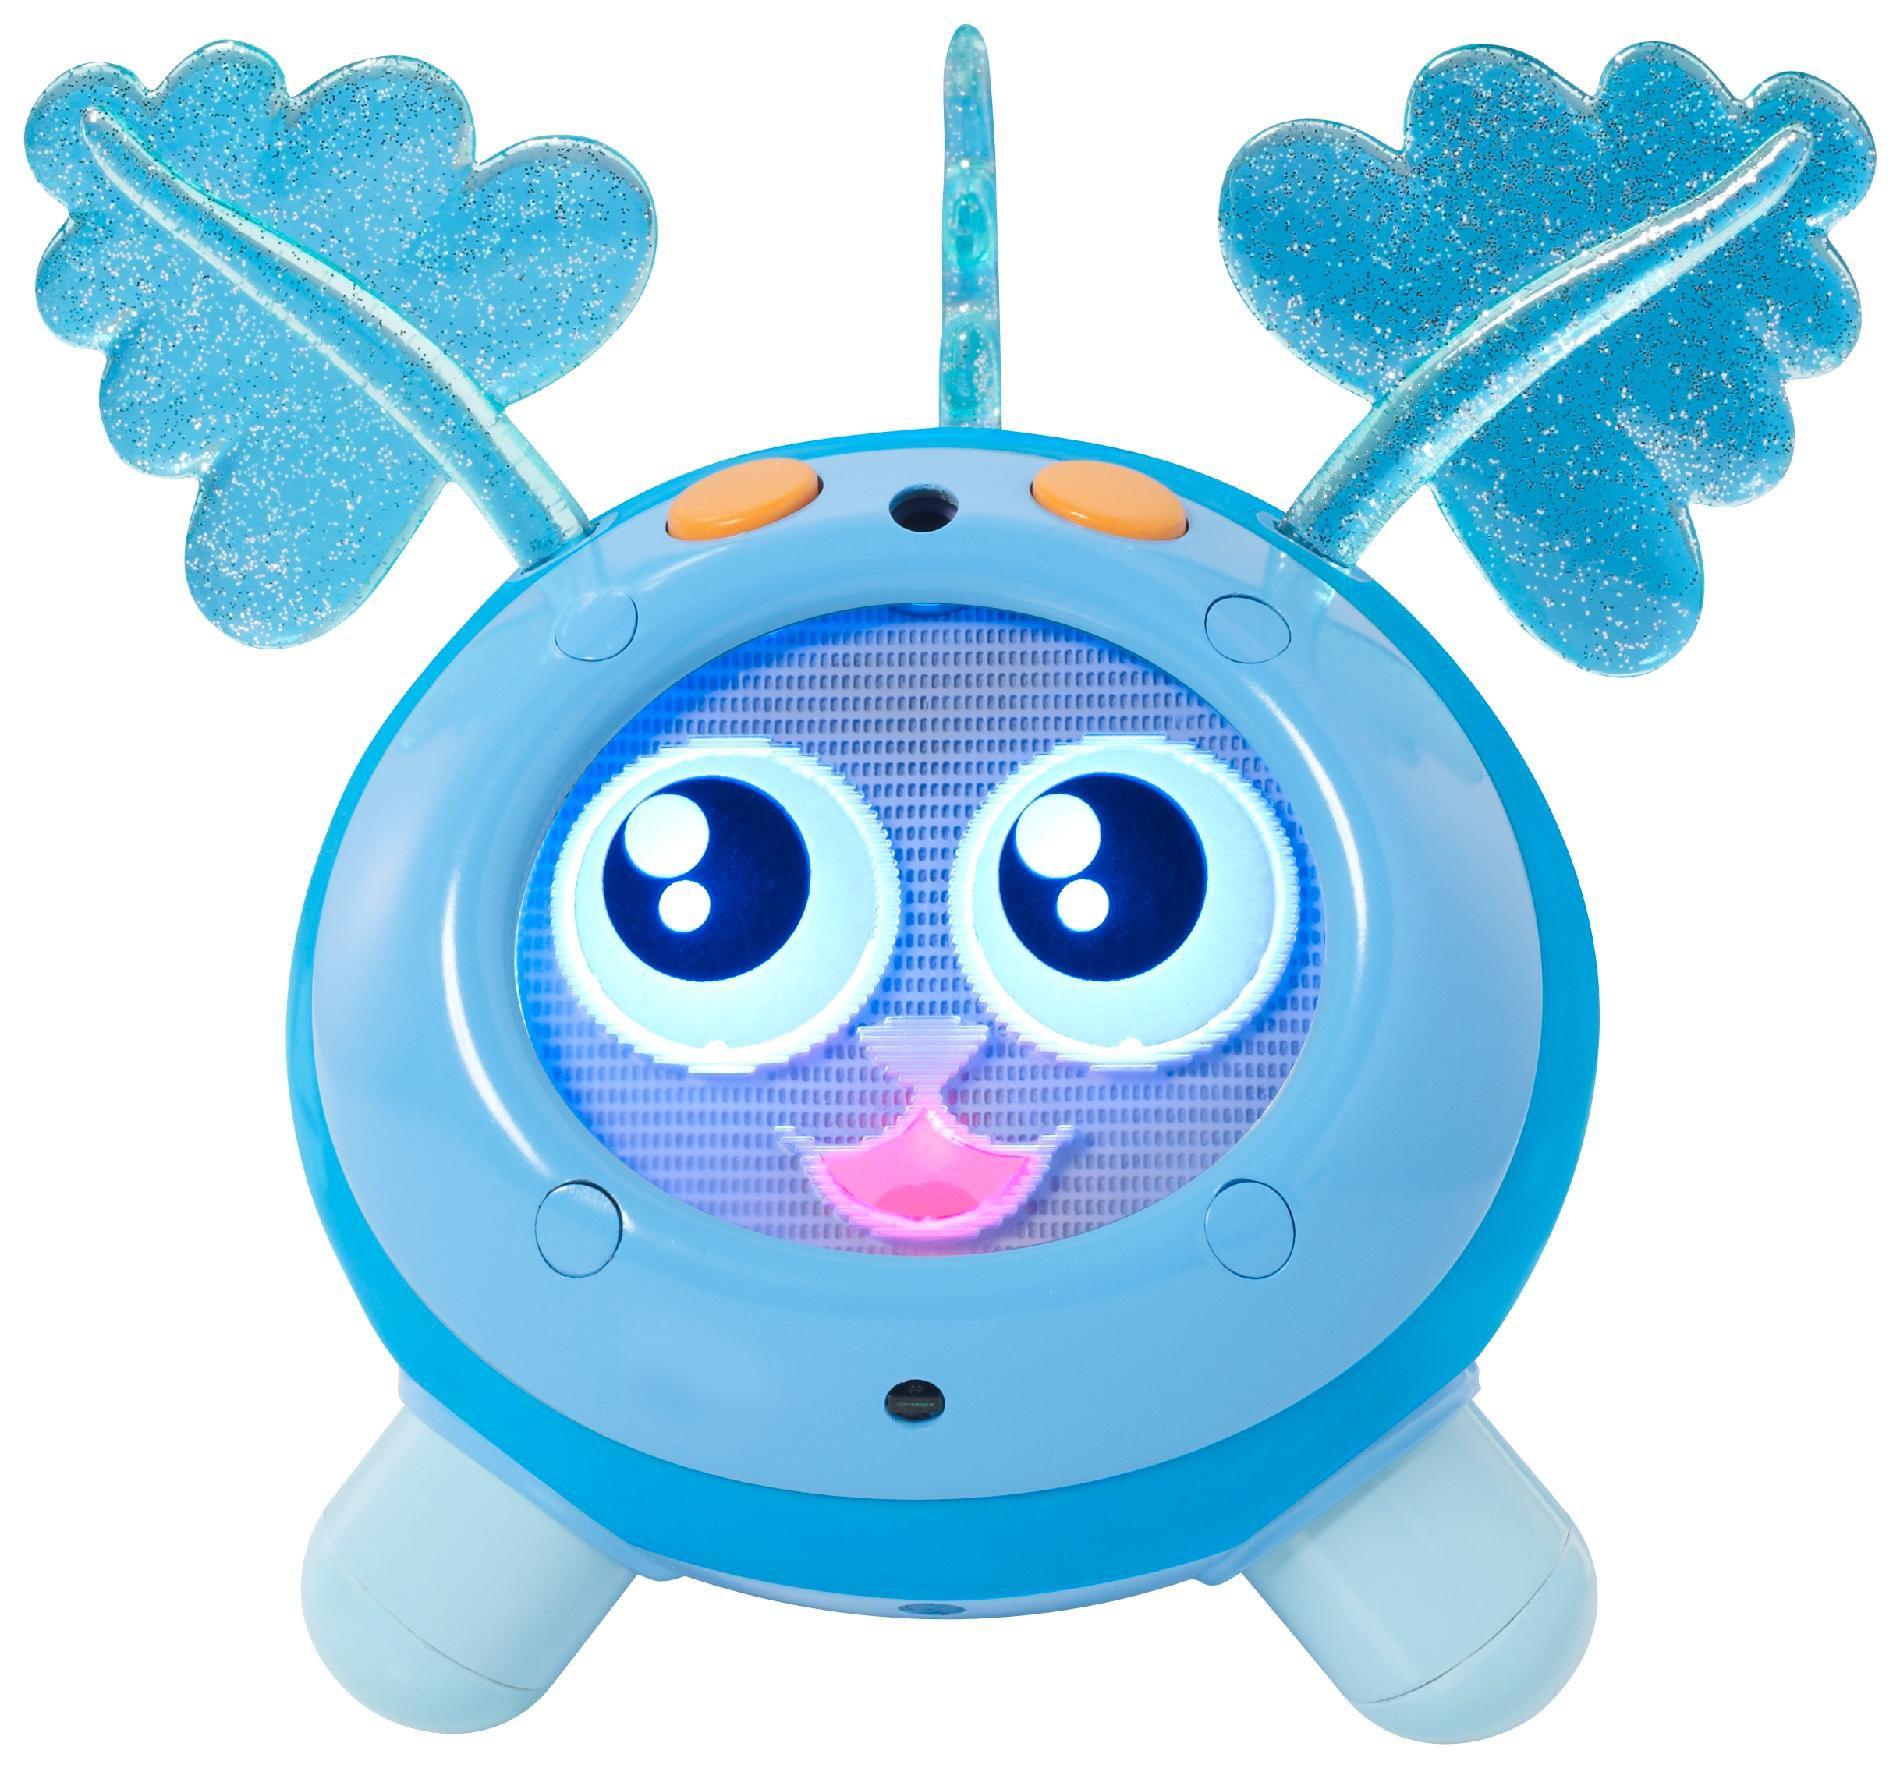 Mattel Fijit Friends Yippits Scooch Figure (Blue) PartNumber: 004W005049942001P